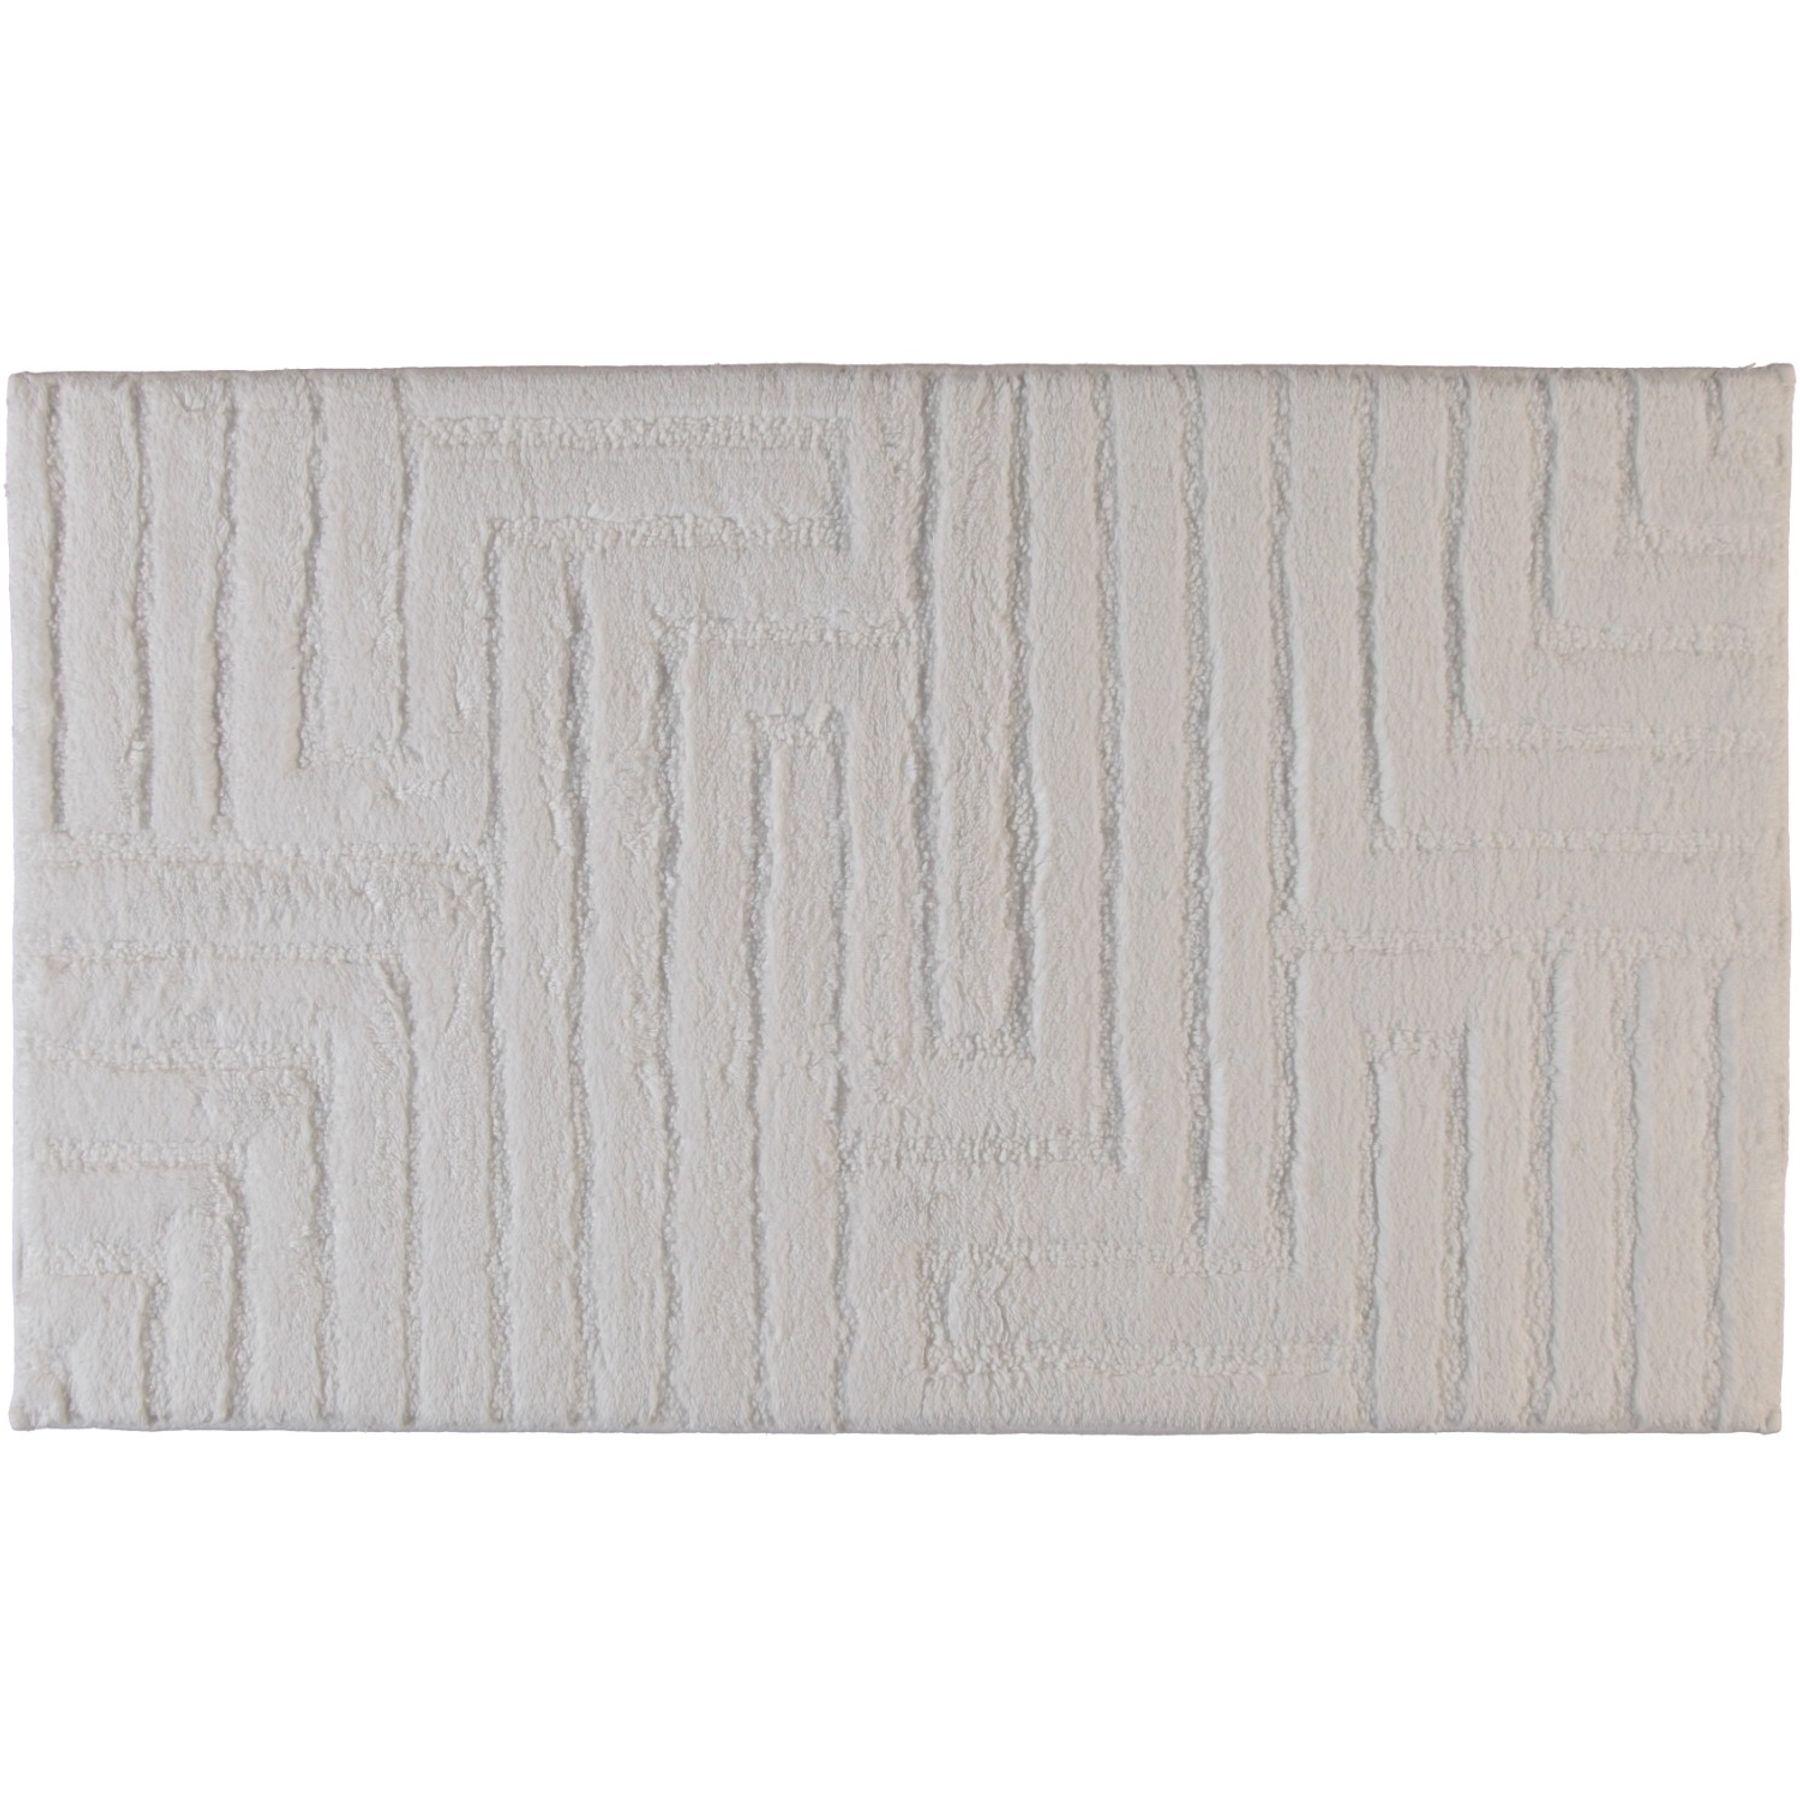 Cawö - Unifarbener Badteppich mit Struktur  in verschiedenen Farben und Größen (1004) – Bild 3